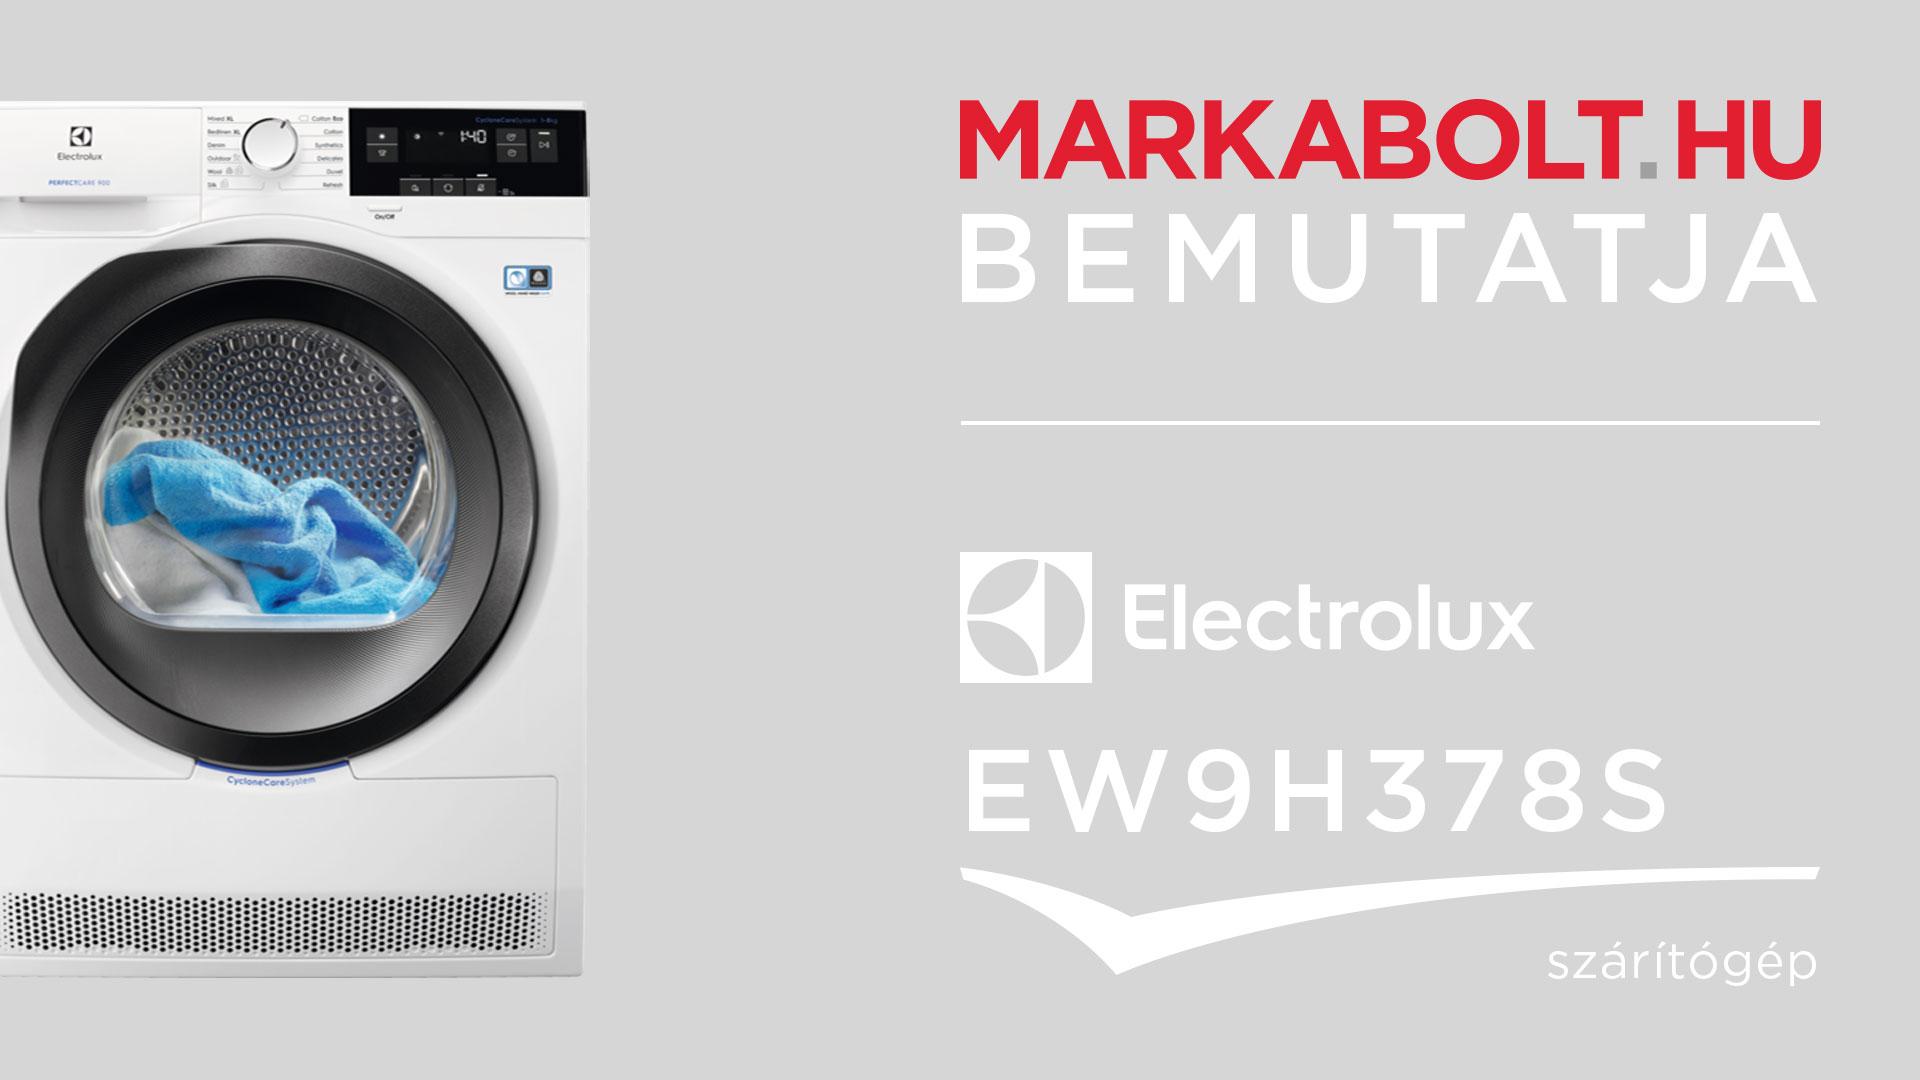 Electrolux EW9H378S hőszivattyús szárítógép